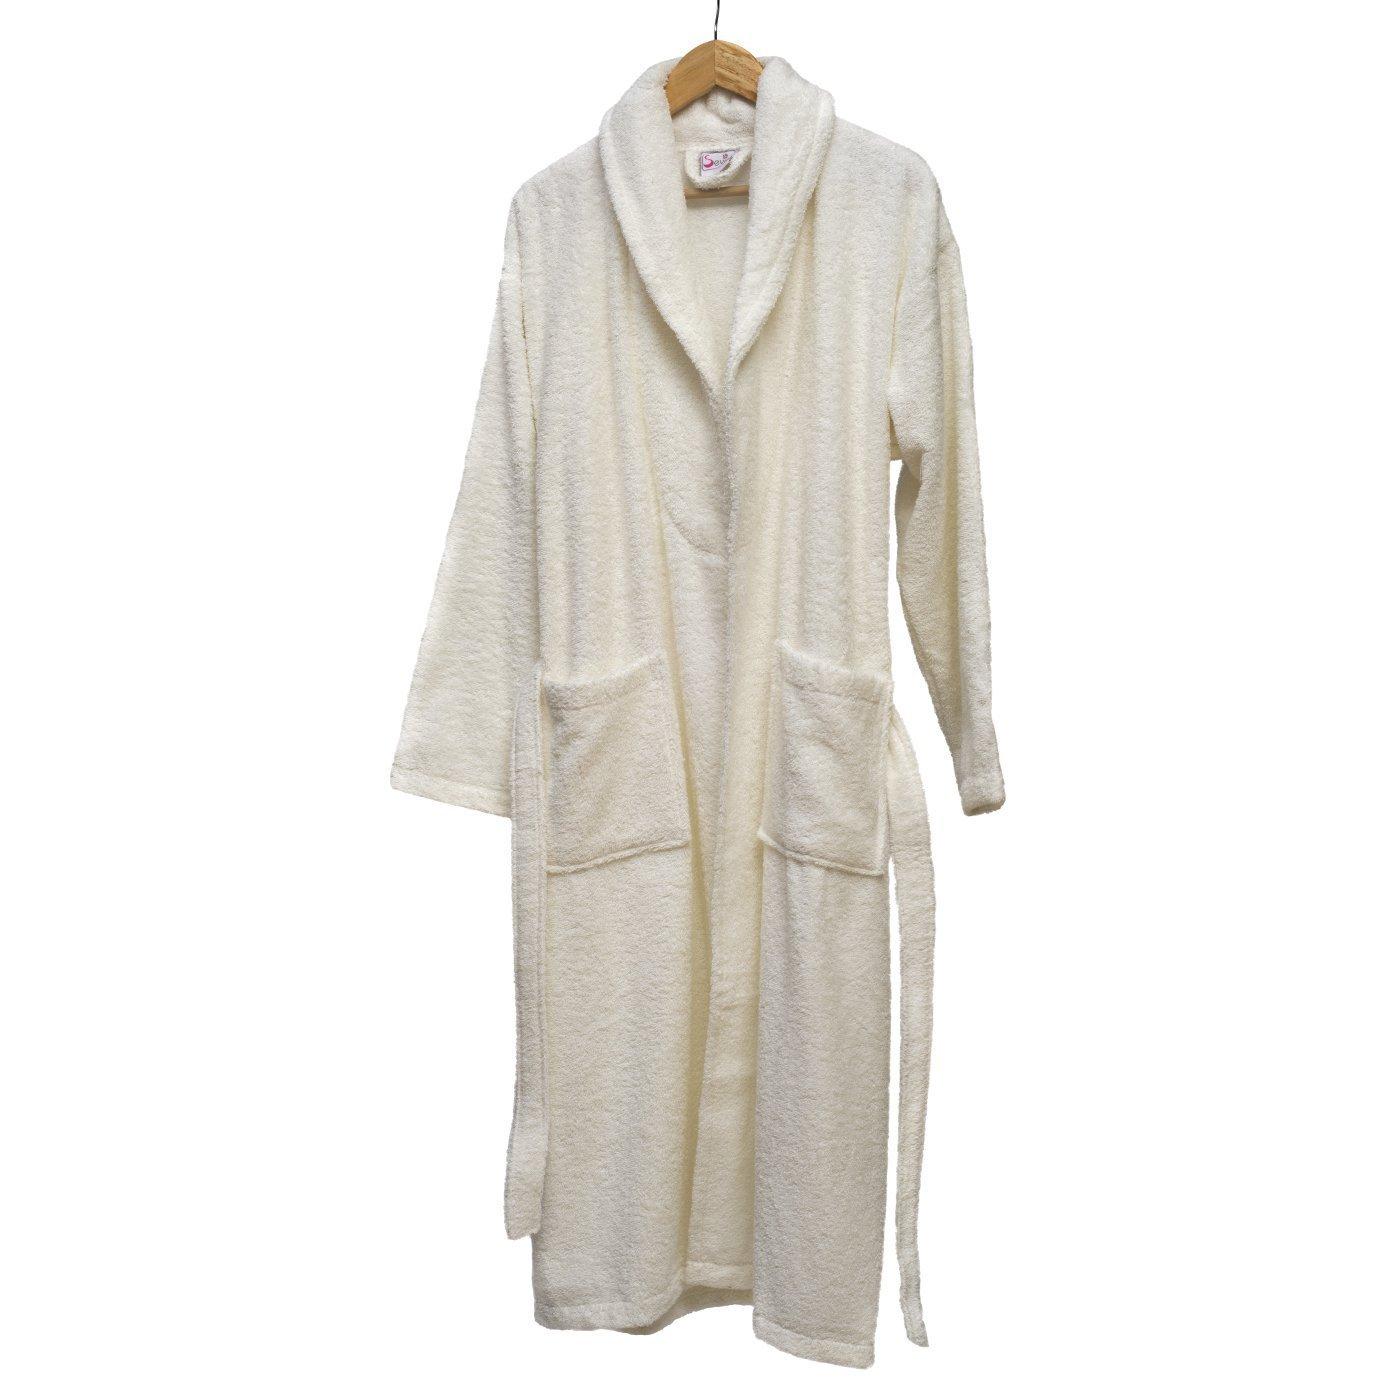 100% Turkish Cotton Extra Plush Bathrobe Set, Large Bath Towel, Hair Towel Unisex Terry Bathrobe Set - Moisture Wicking and Odor Resistant (White)